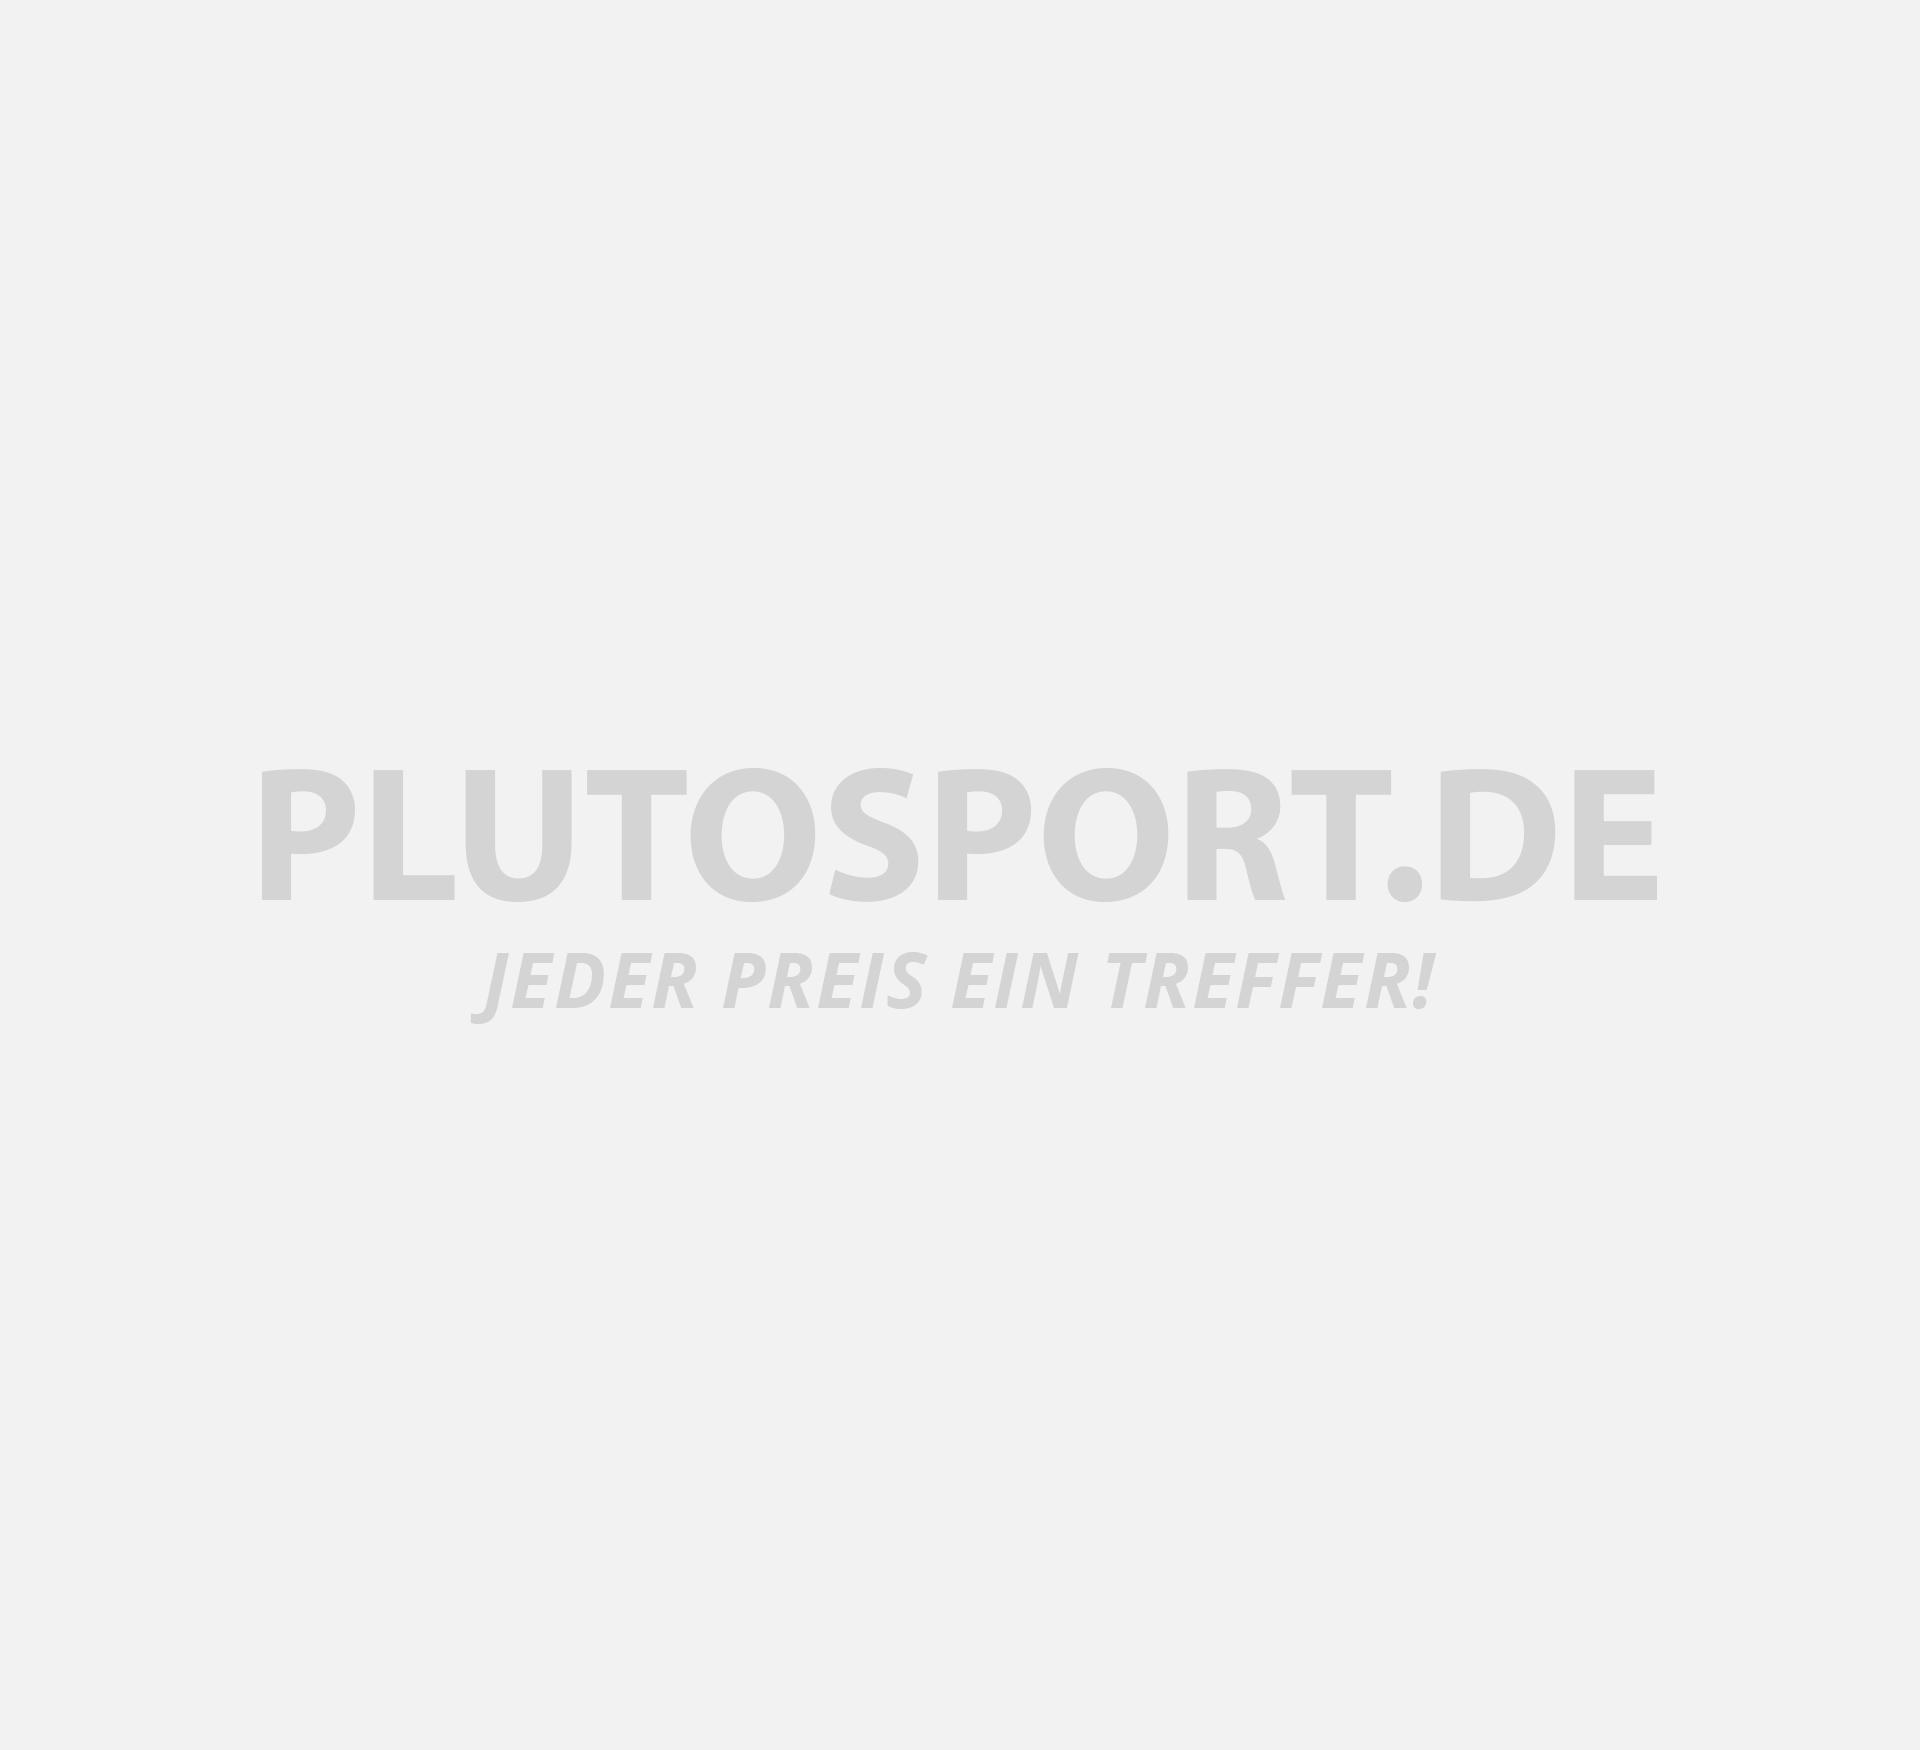 Turnschuhe NIKE SB CHECK SOLAR 843895-001 Herren Sneaker Freizeit